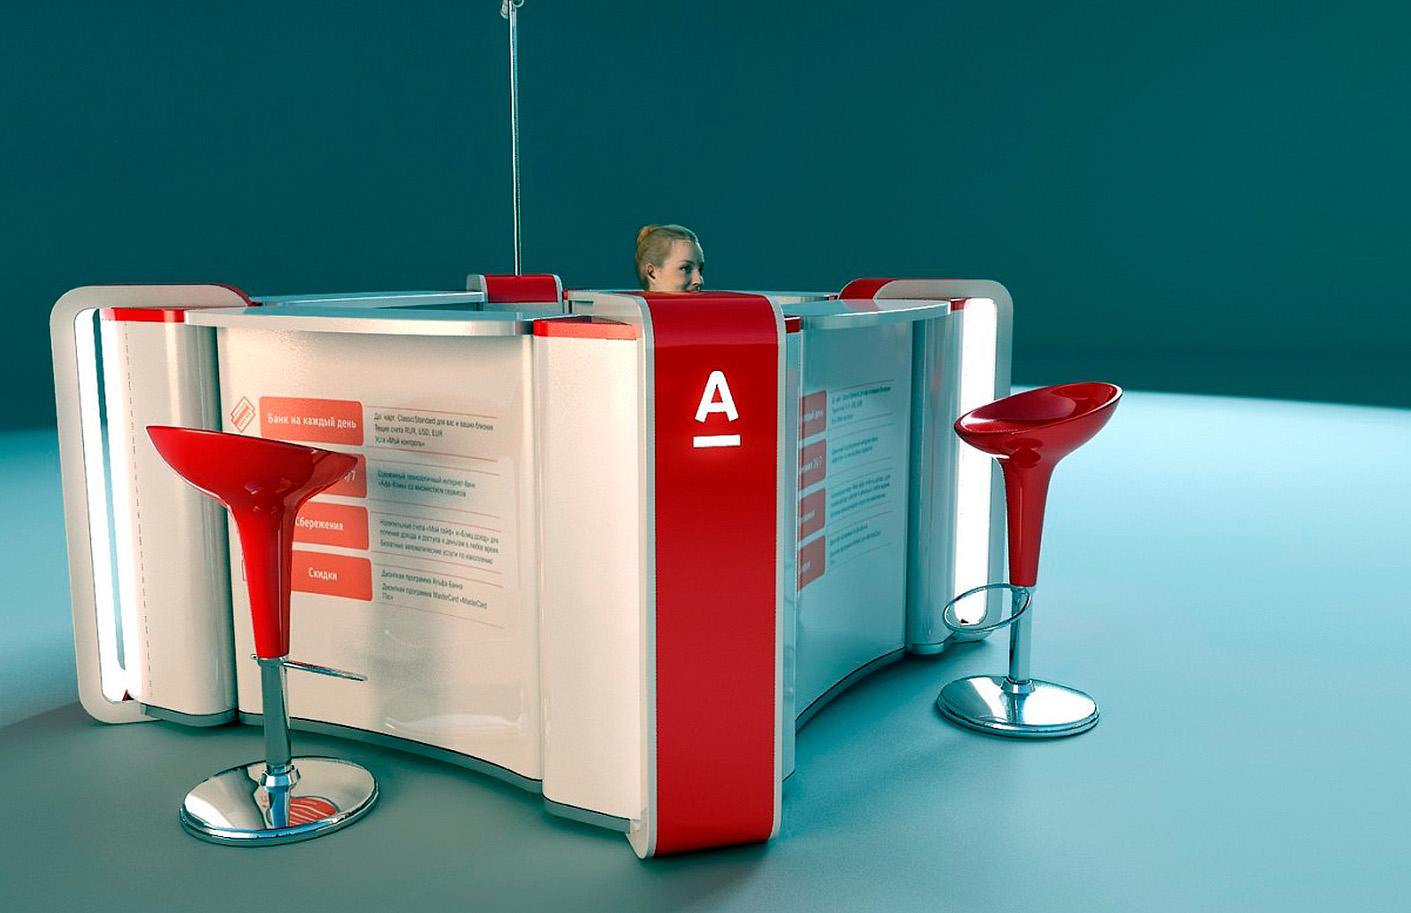 Разработка дизайна зоны обслуживания для «Альфа банк»